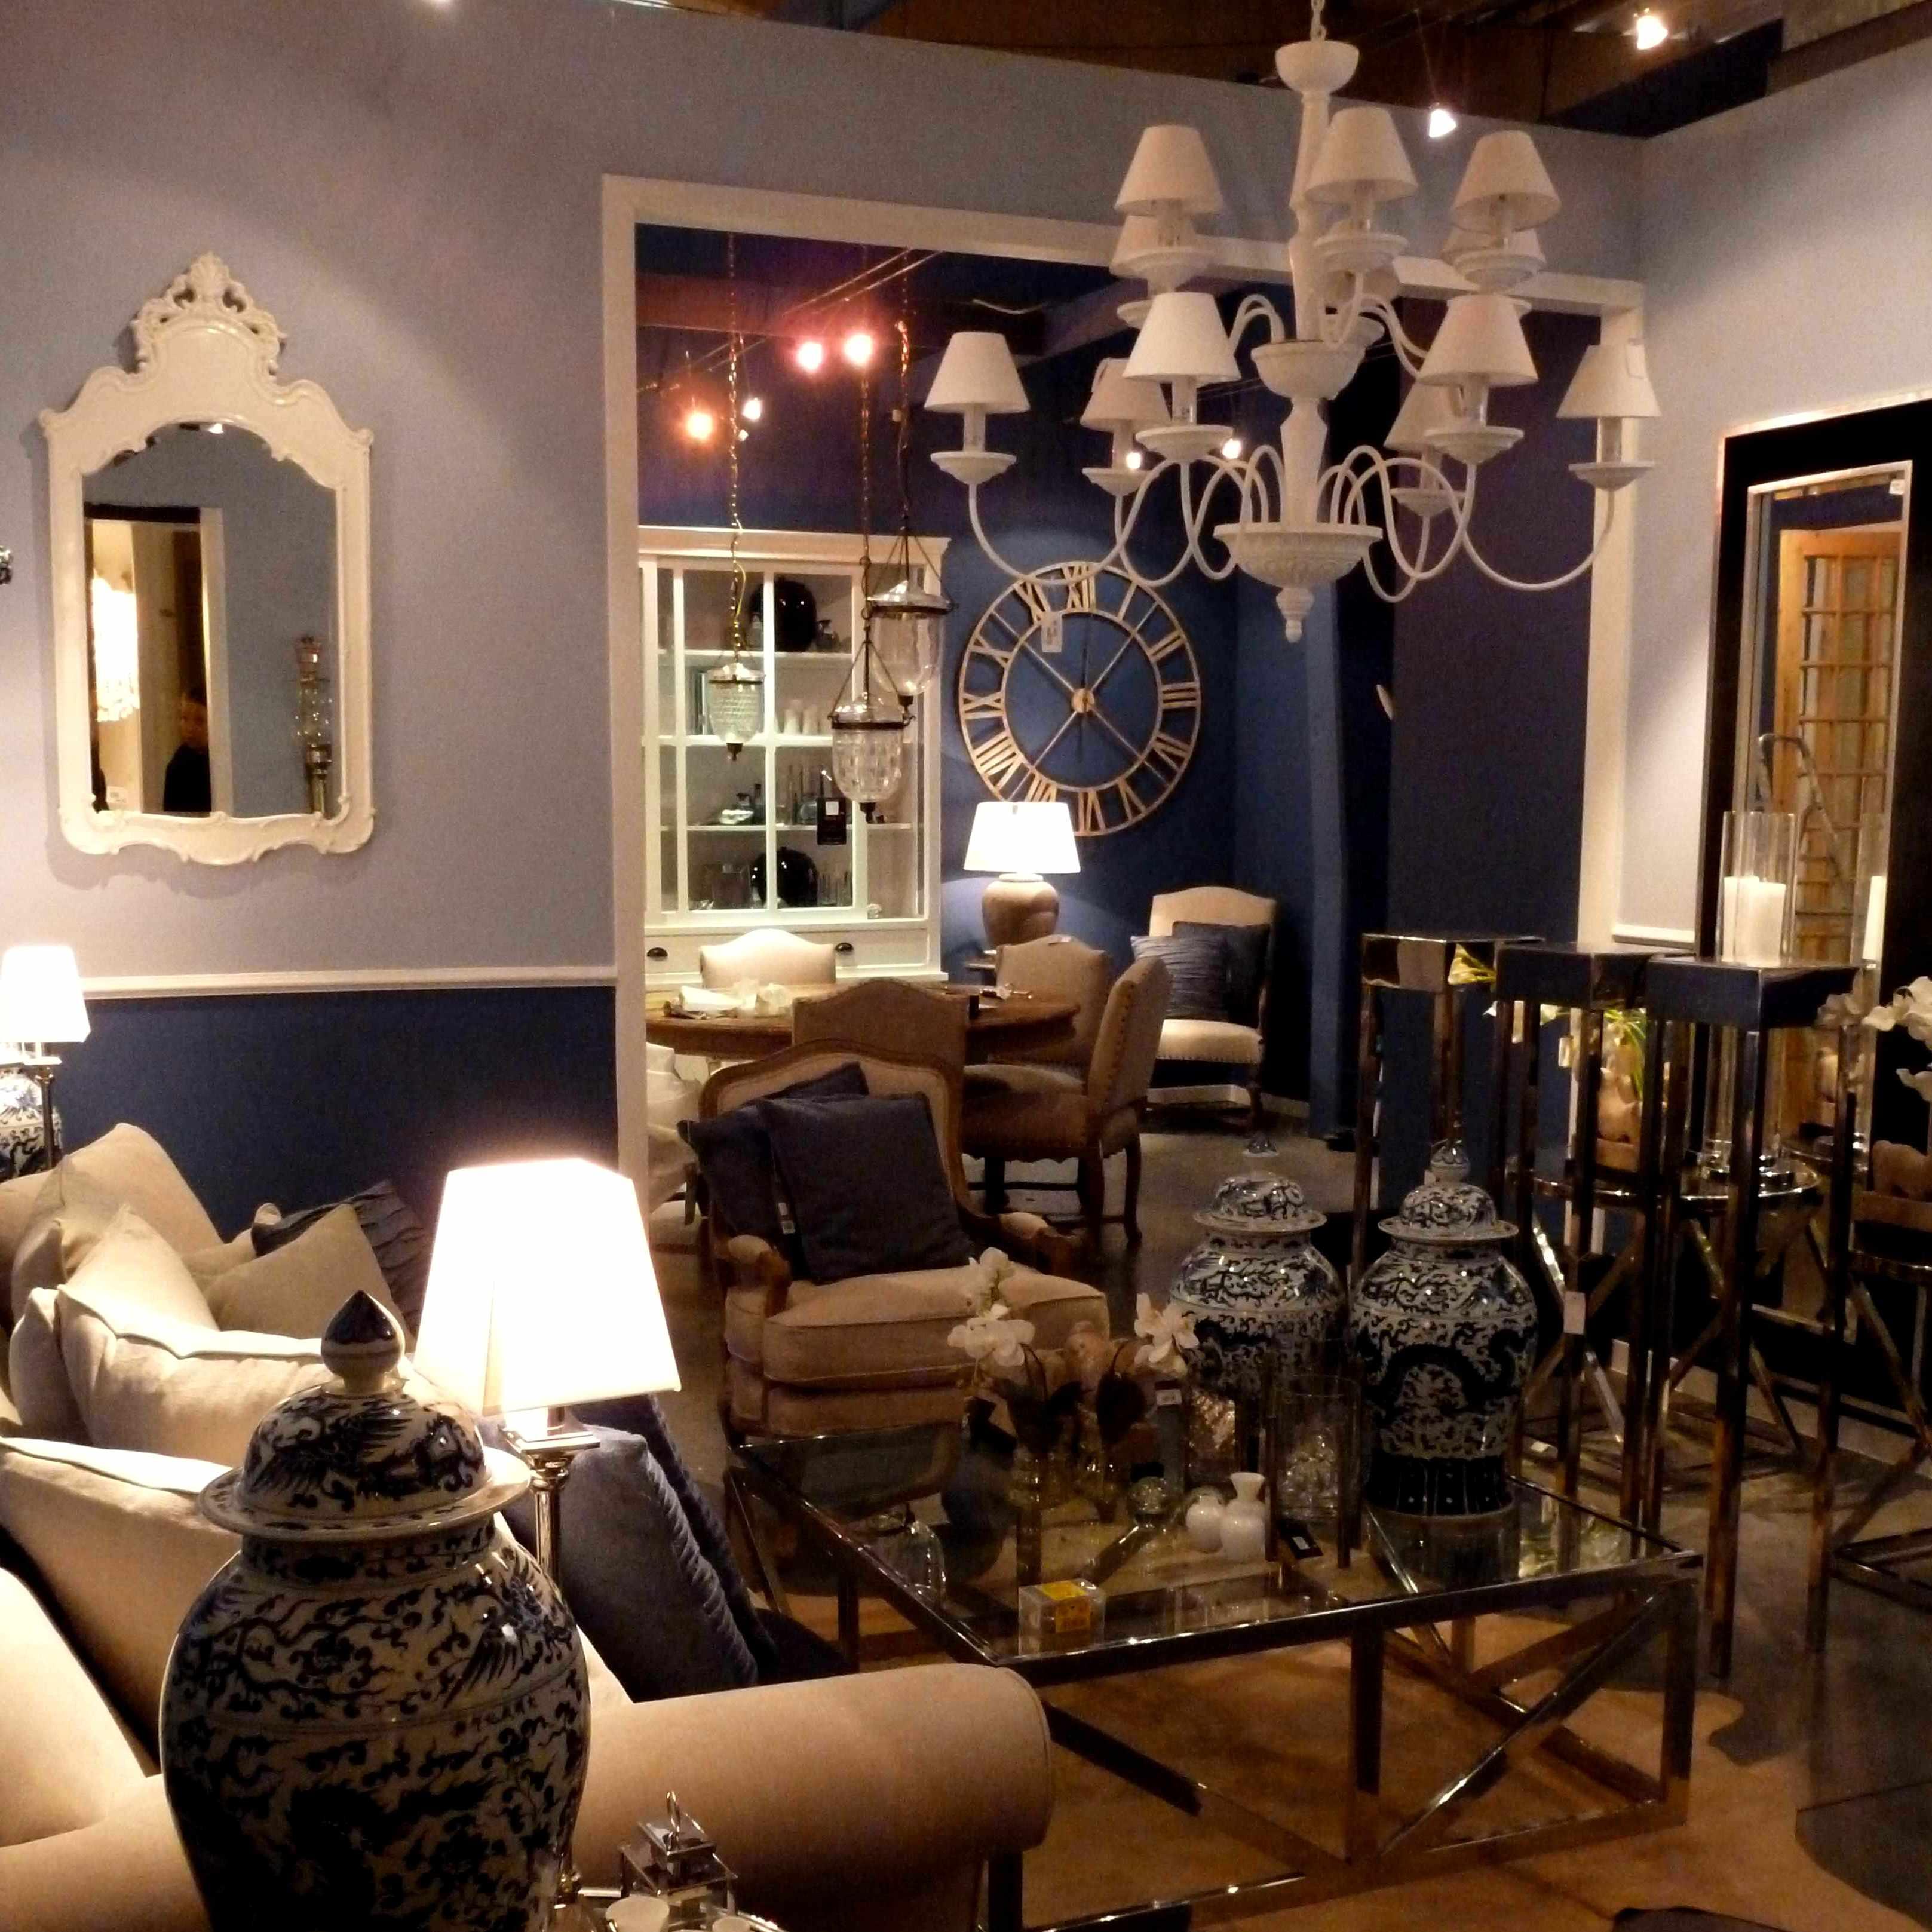 le grand retour du bleu tous les tages le blog. Black Bedroom Furniture Sets. Home Design Ideas